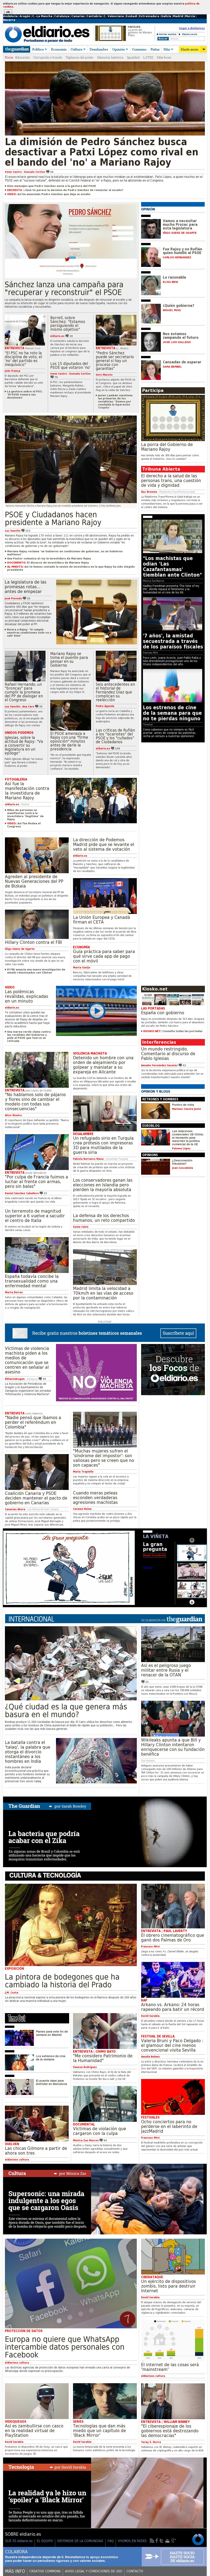 El Diario at Sunday Oct. 30, 2016, 5:04 p.m. UTC